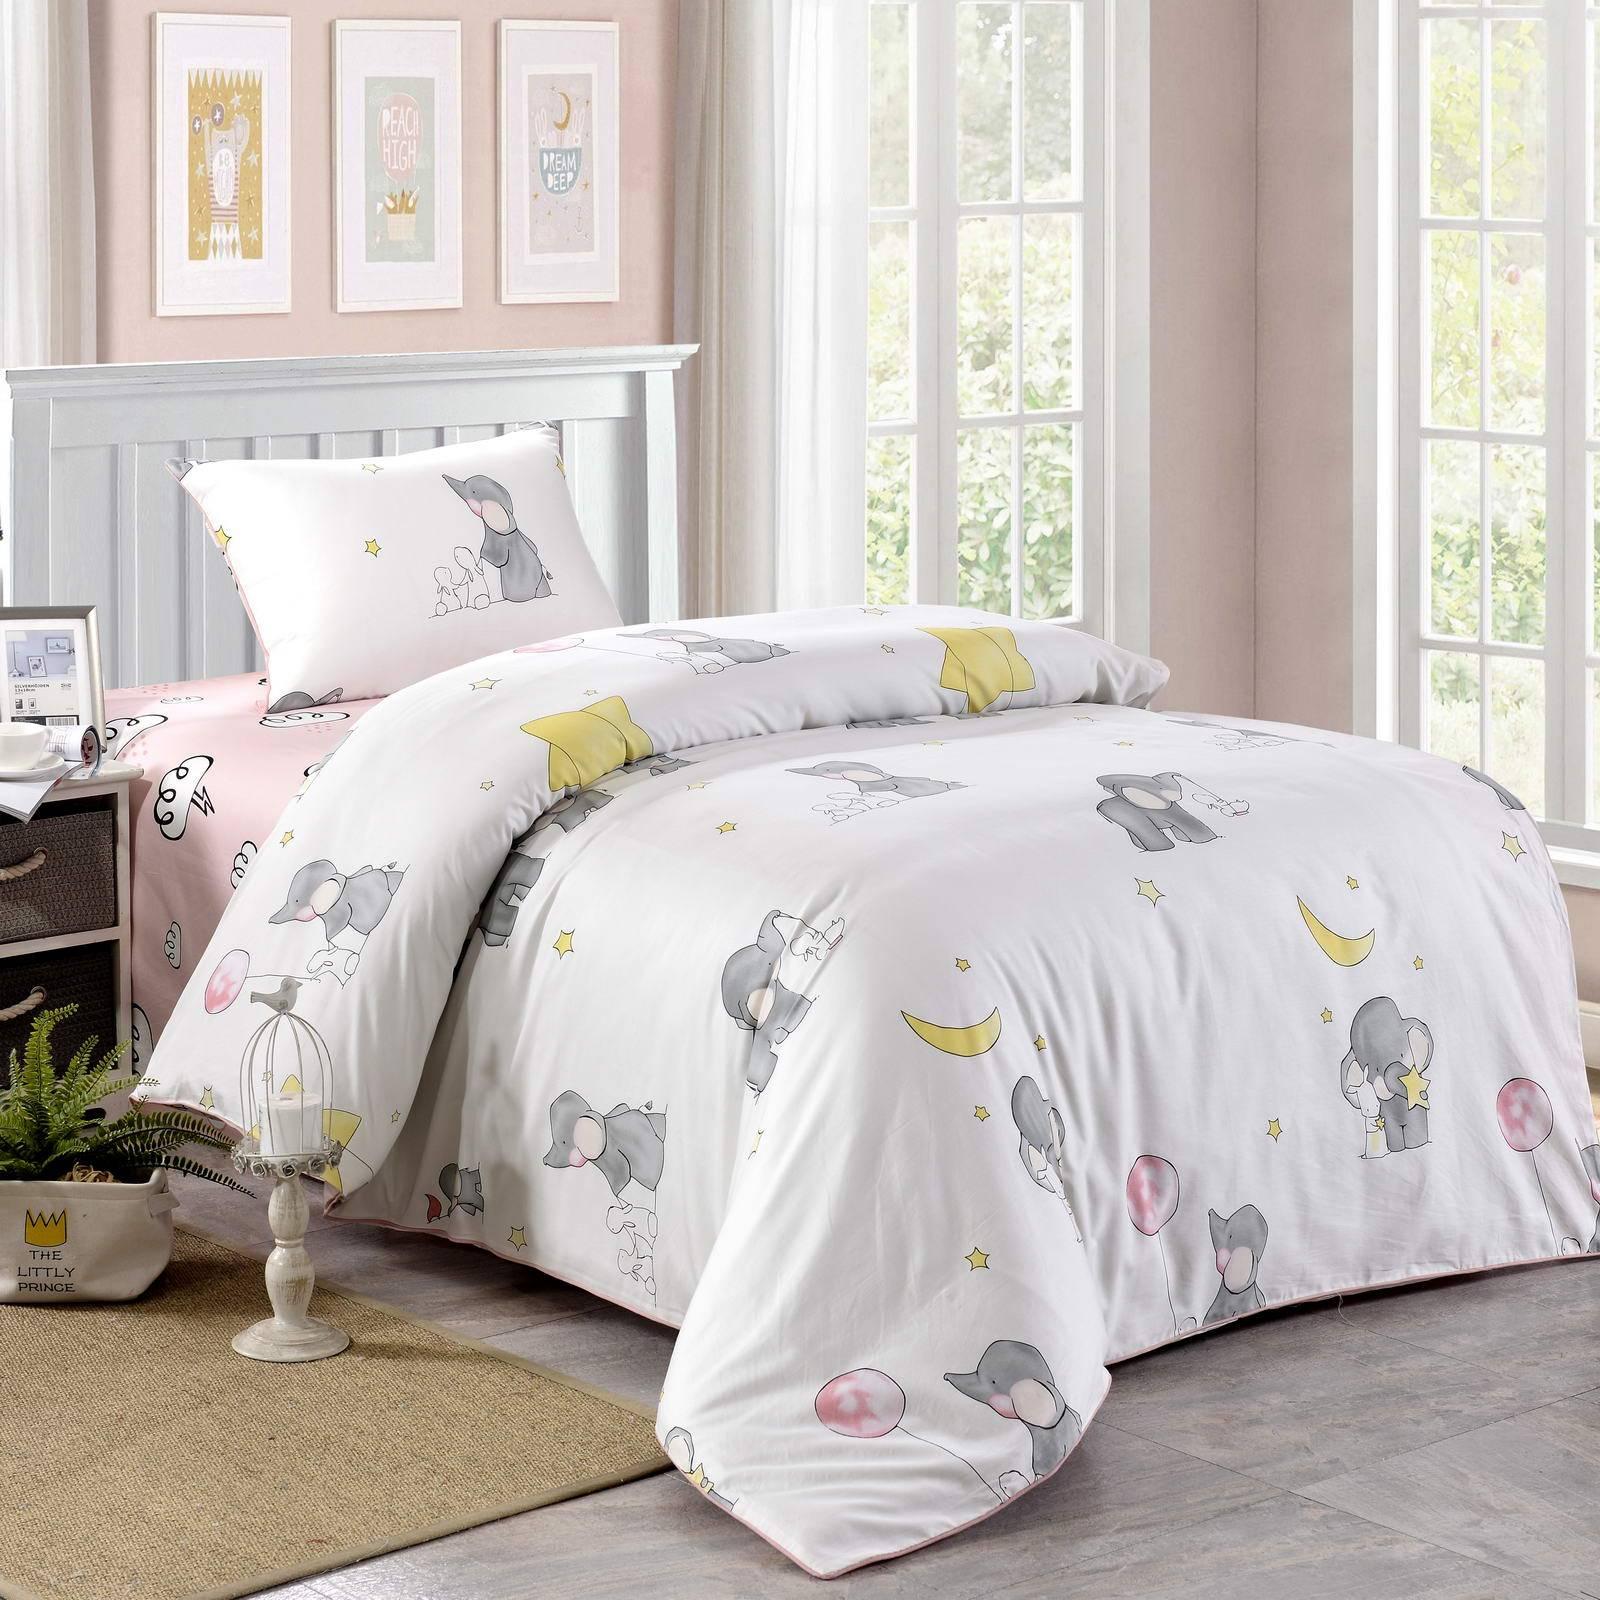 Комплект постельного белья Sofi De Marko Хортон Детский полутороспальный (ДЕТ-389) фото